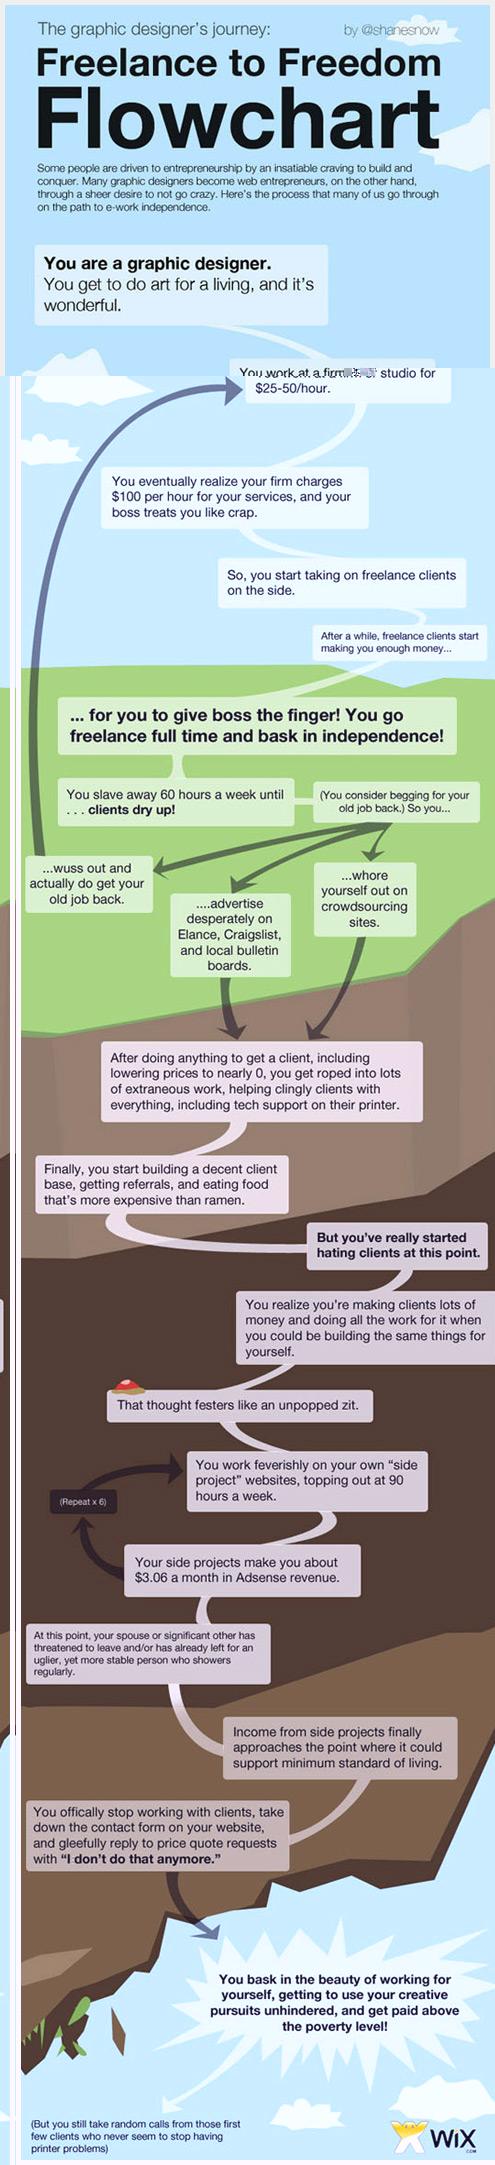 平面和网页设计师的有趣信息图表